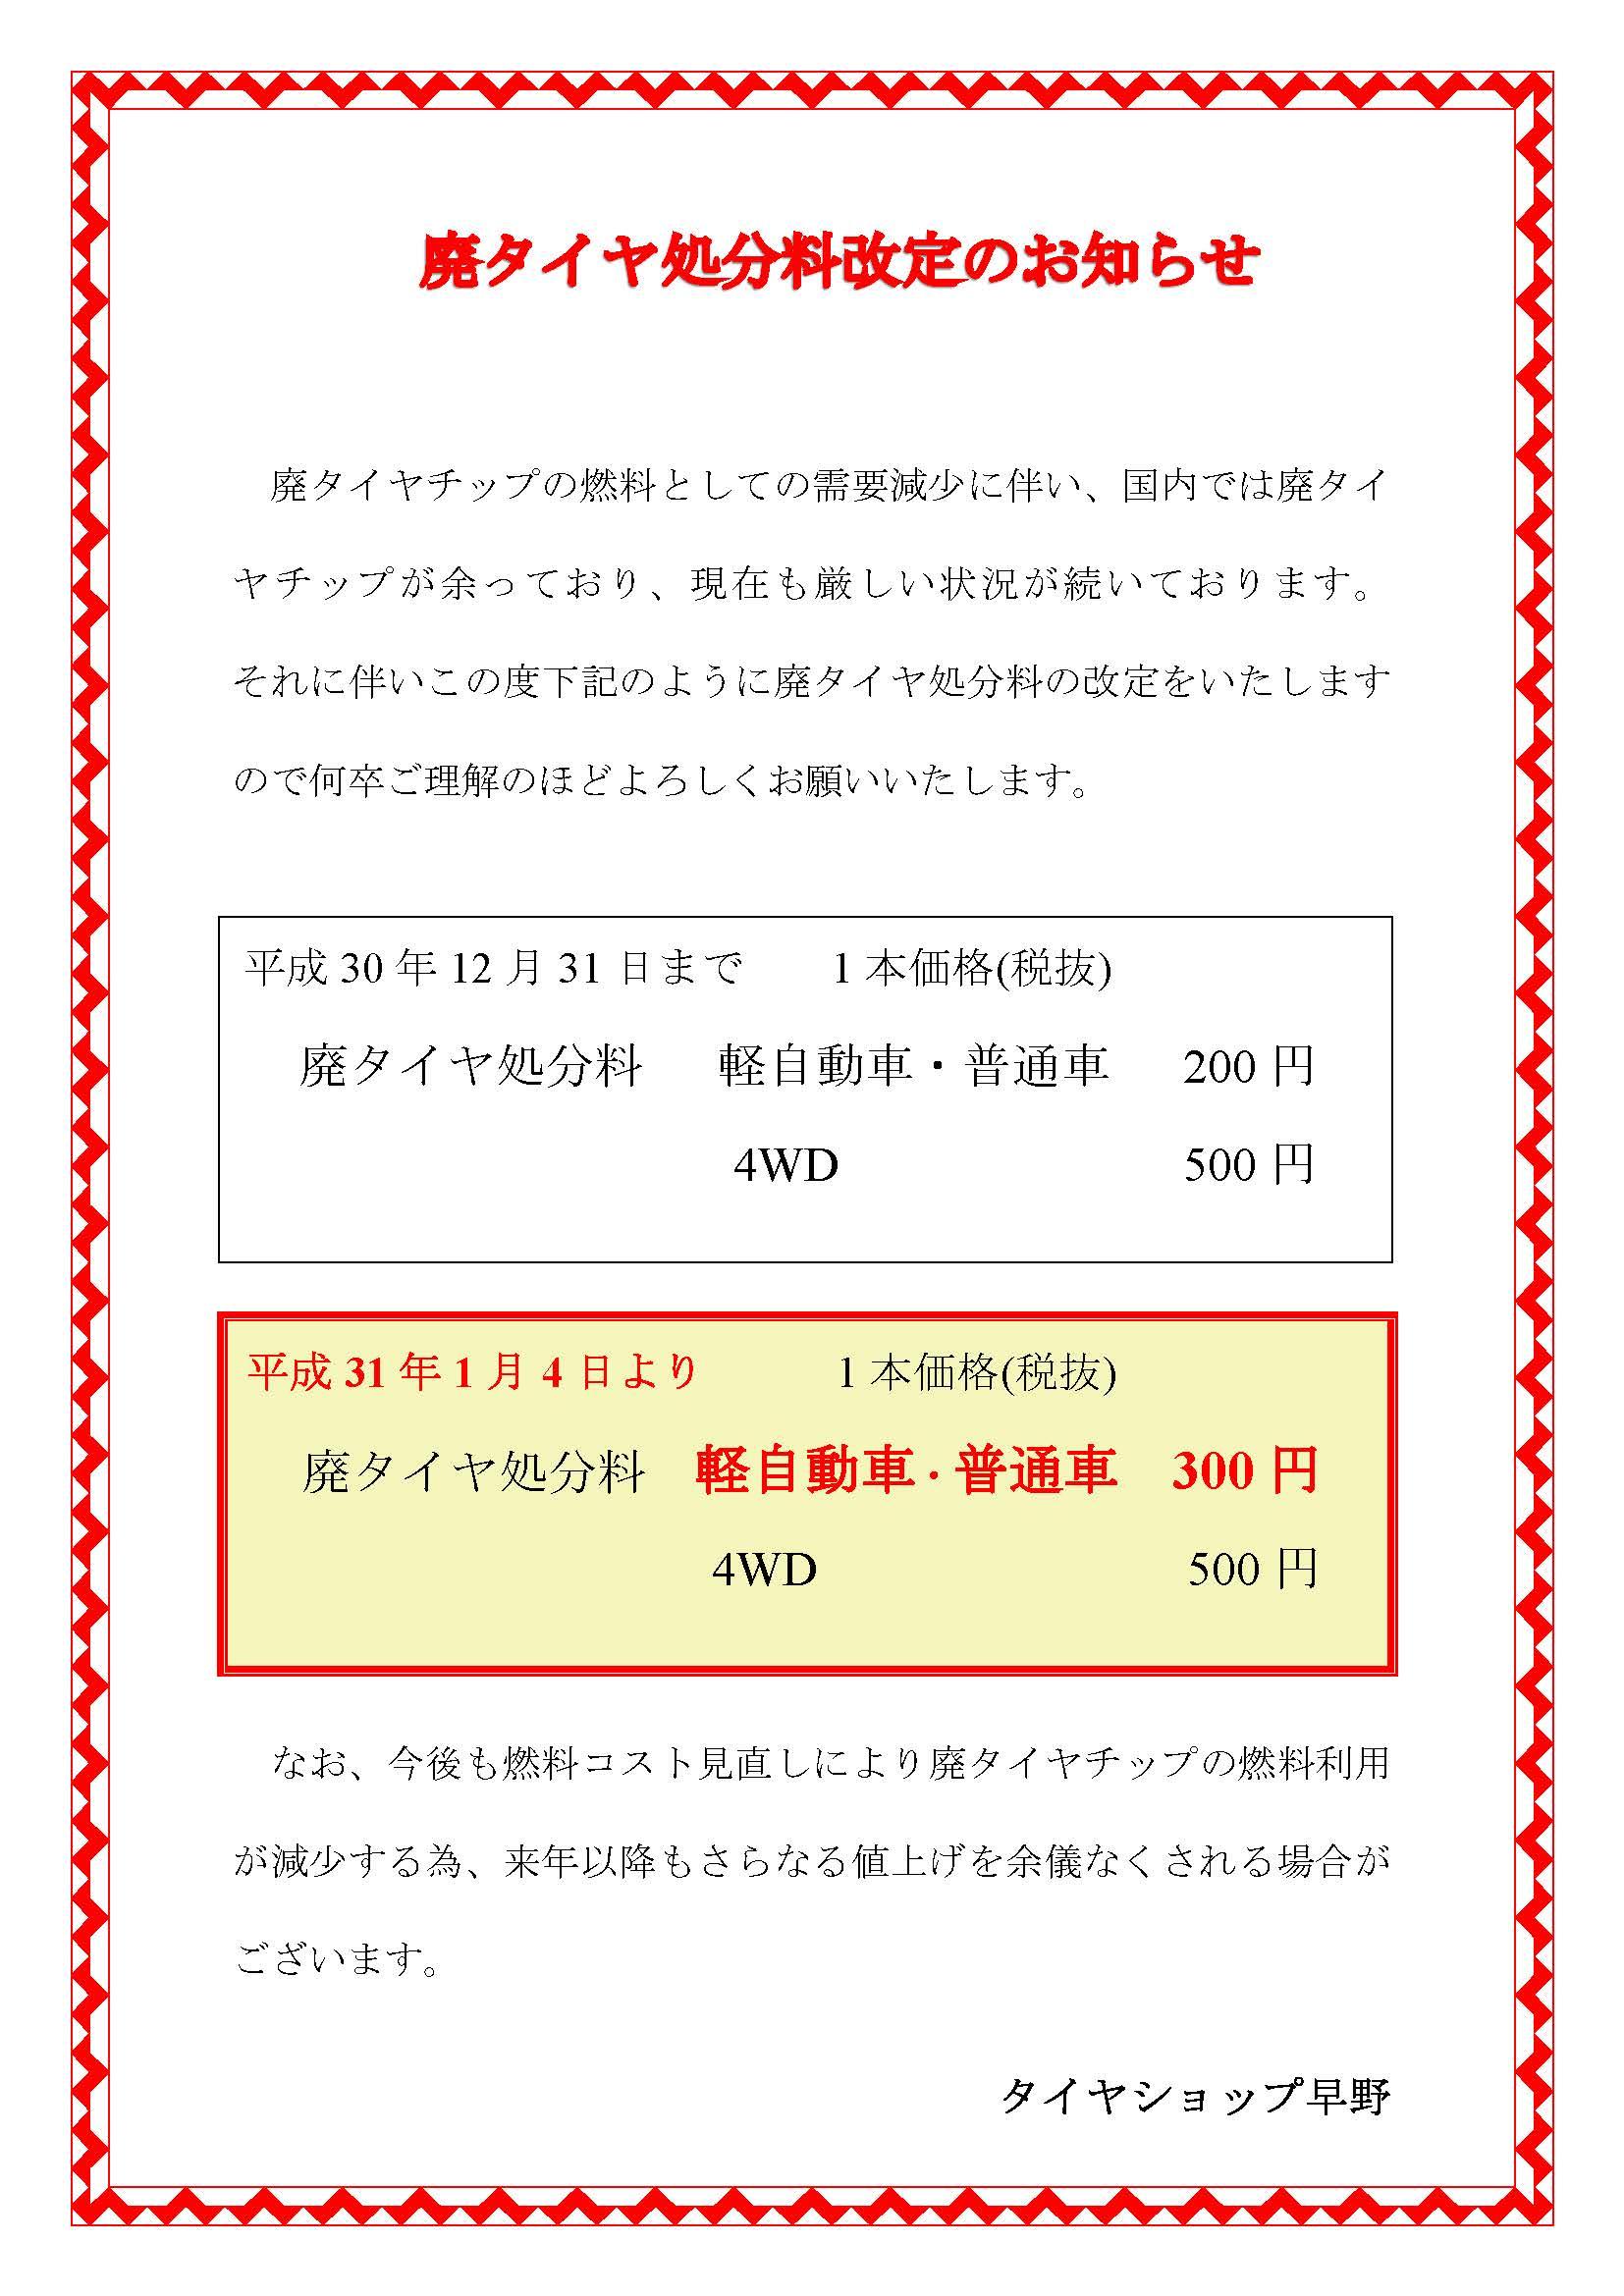 廃タイヤ処分料改定のお知らせ